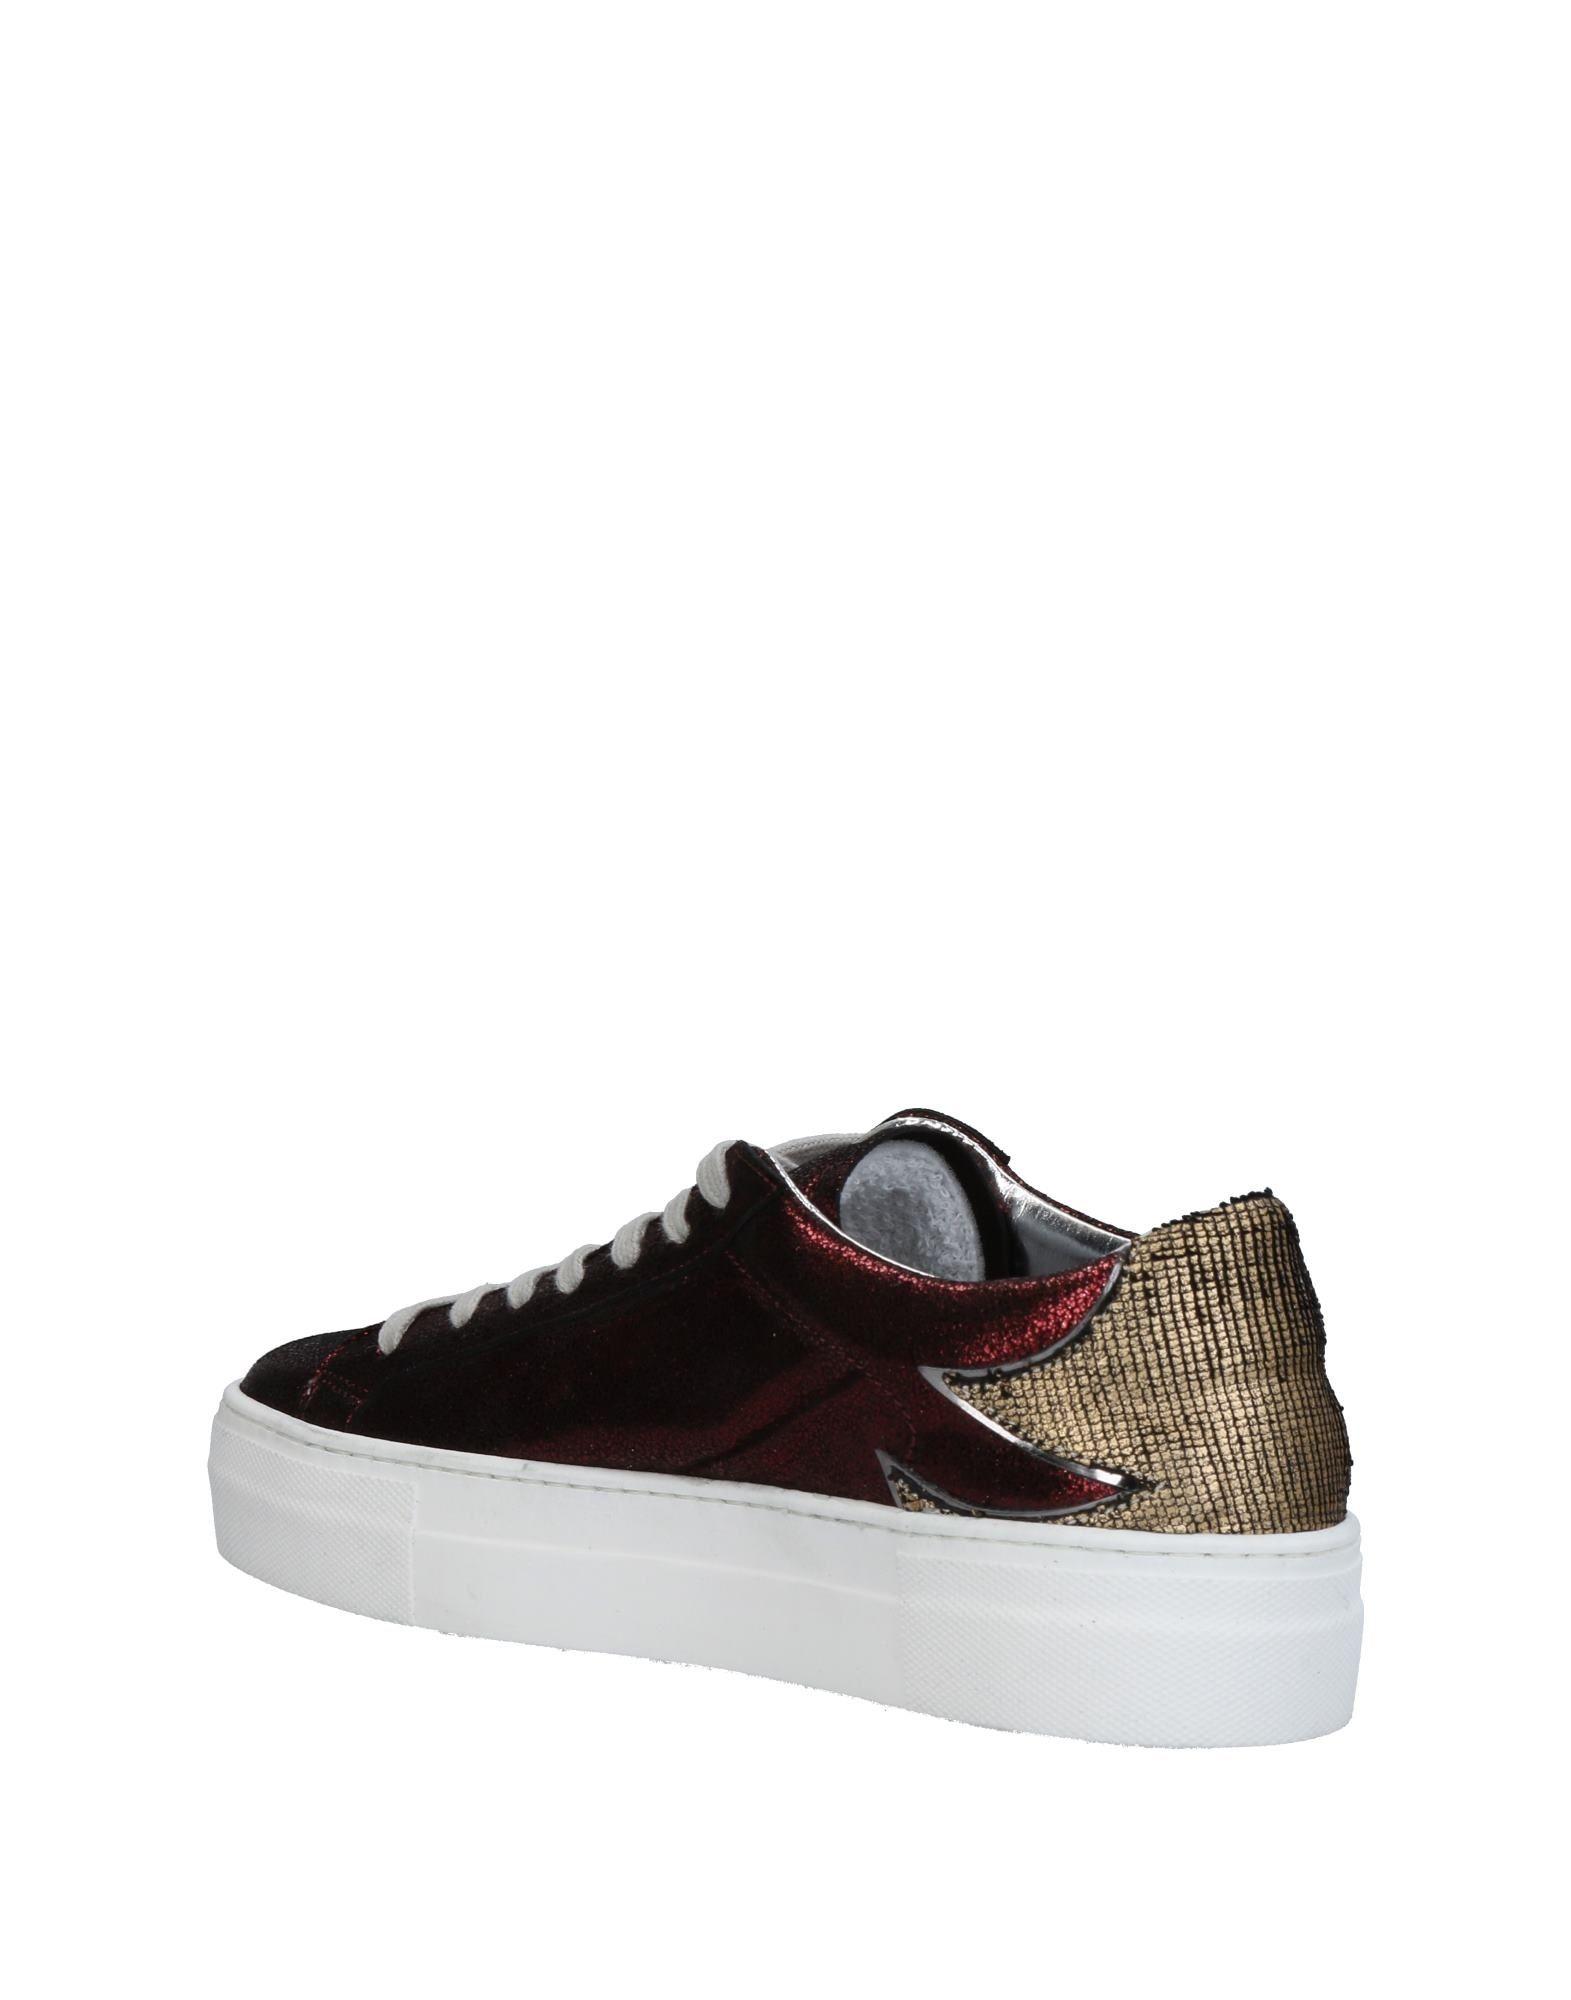 P448 Sneakers Sneakers P448 Damen  11458515BH Gute Qualität beliebte Schuhe 33e997